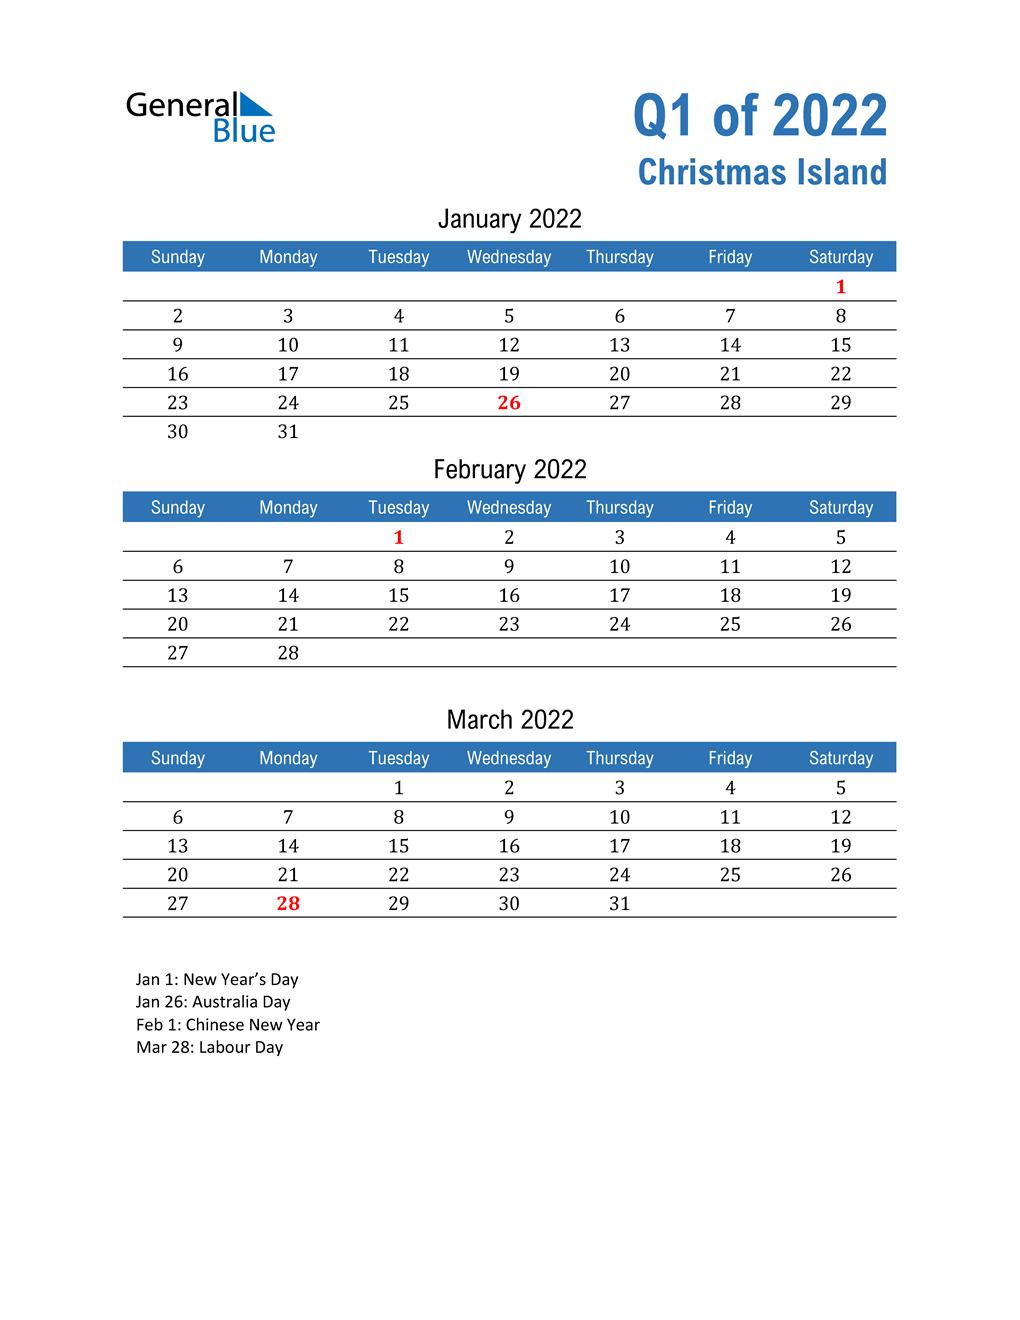 Christmas Island 2022 Quarterly Calendar